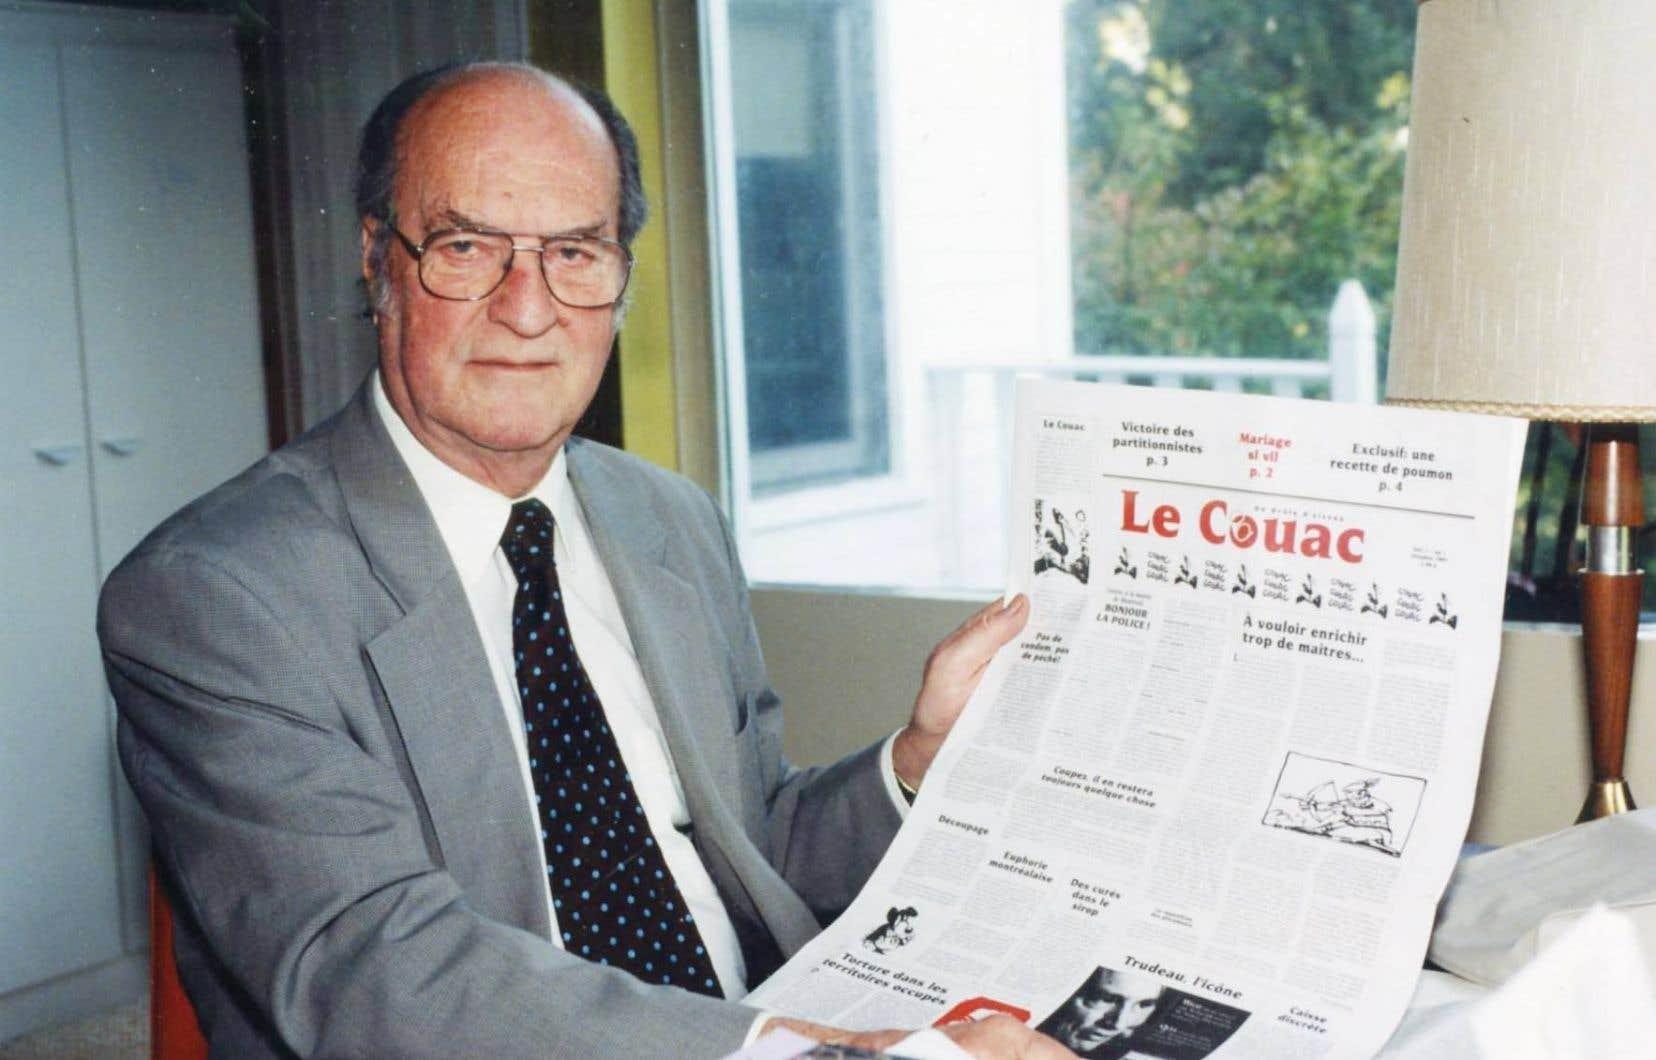 Pierre de Bellefeuille